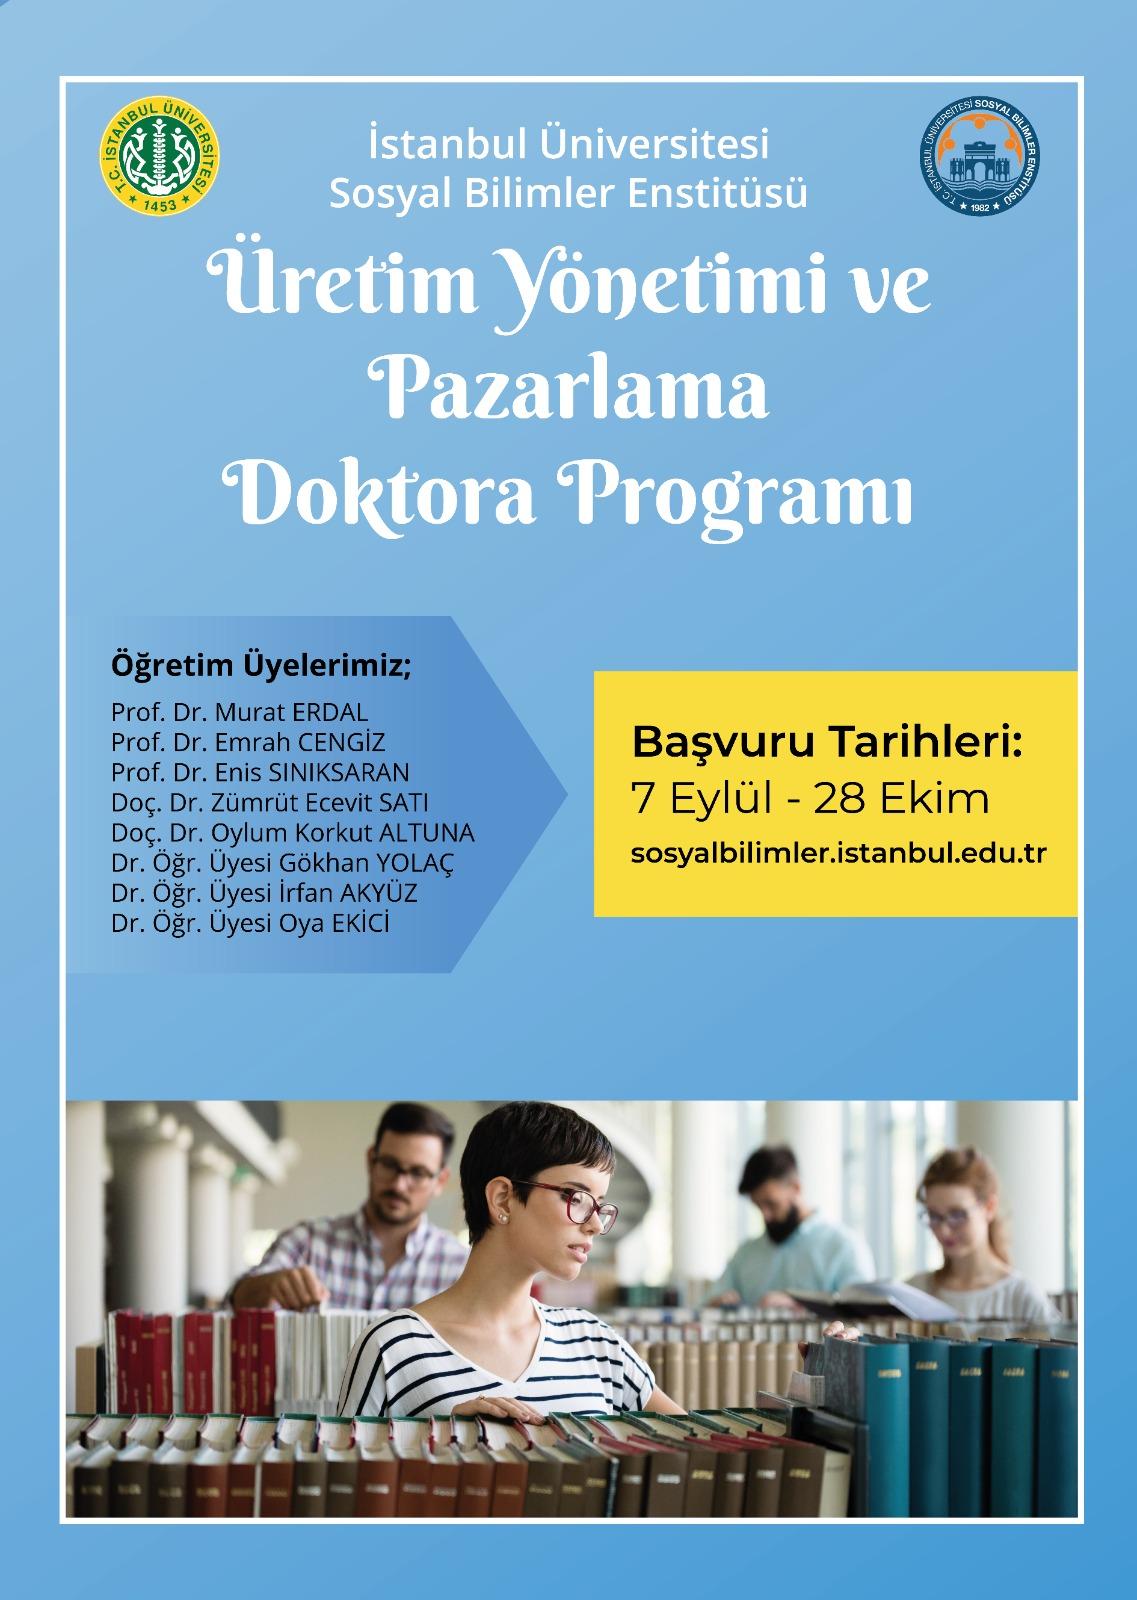 Üretim Yönetimi ve Pazarlama Doktora Programı Açıldı.